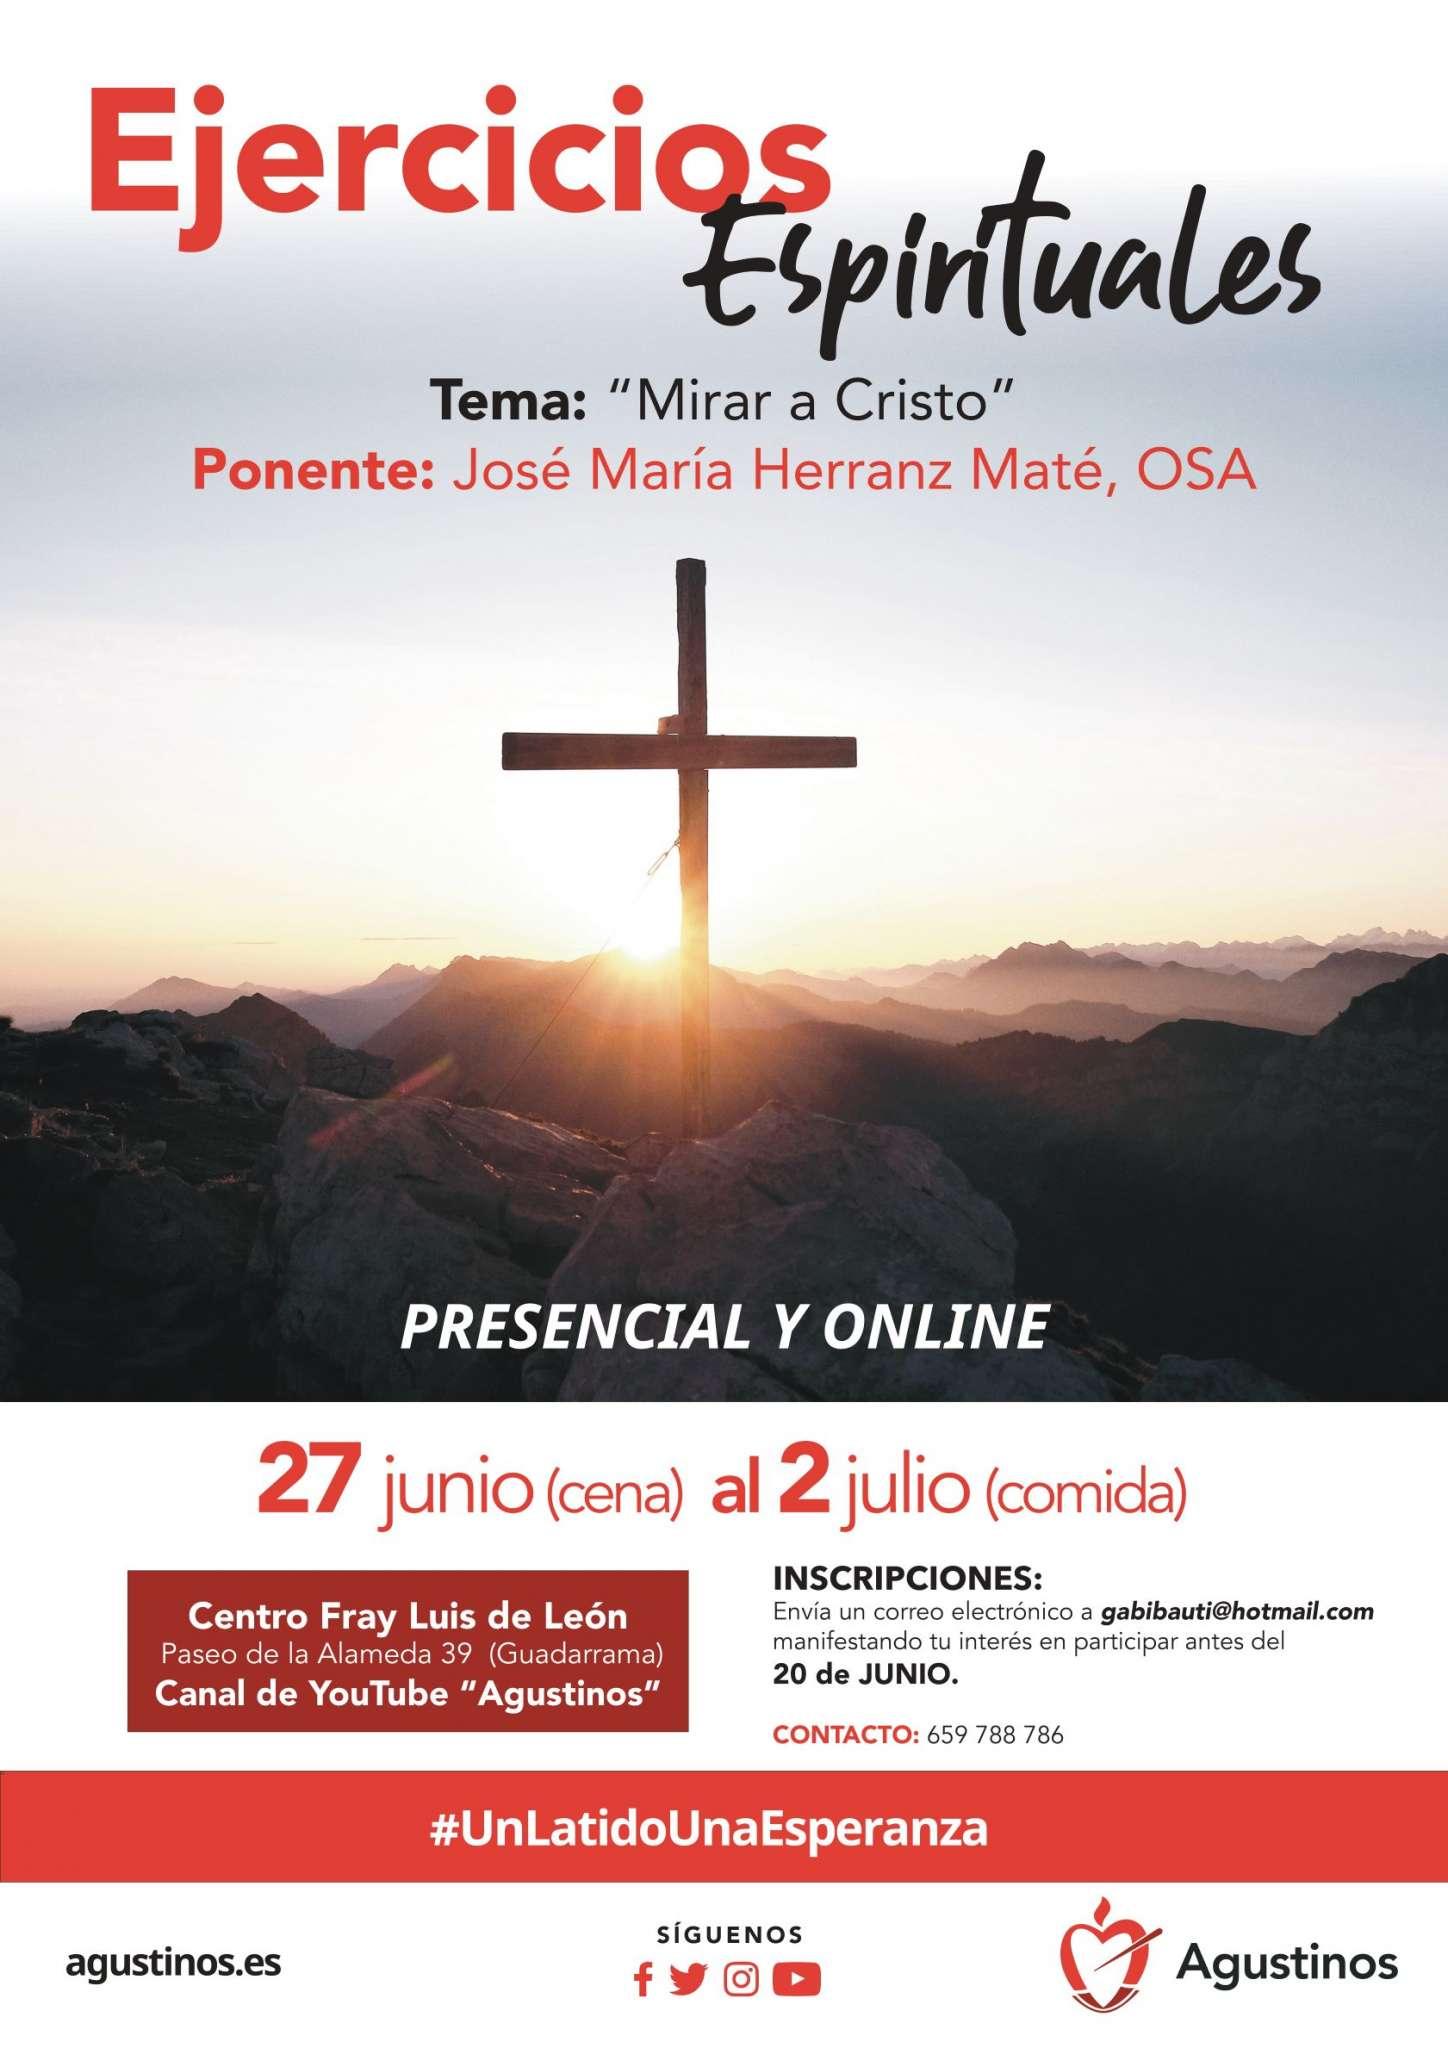 Hoy comienzan los ejercicios espirituales, en la Provincia San Juan de Sahagún de España, que terminarán el próximo viernes.